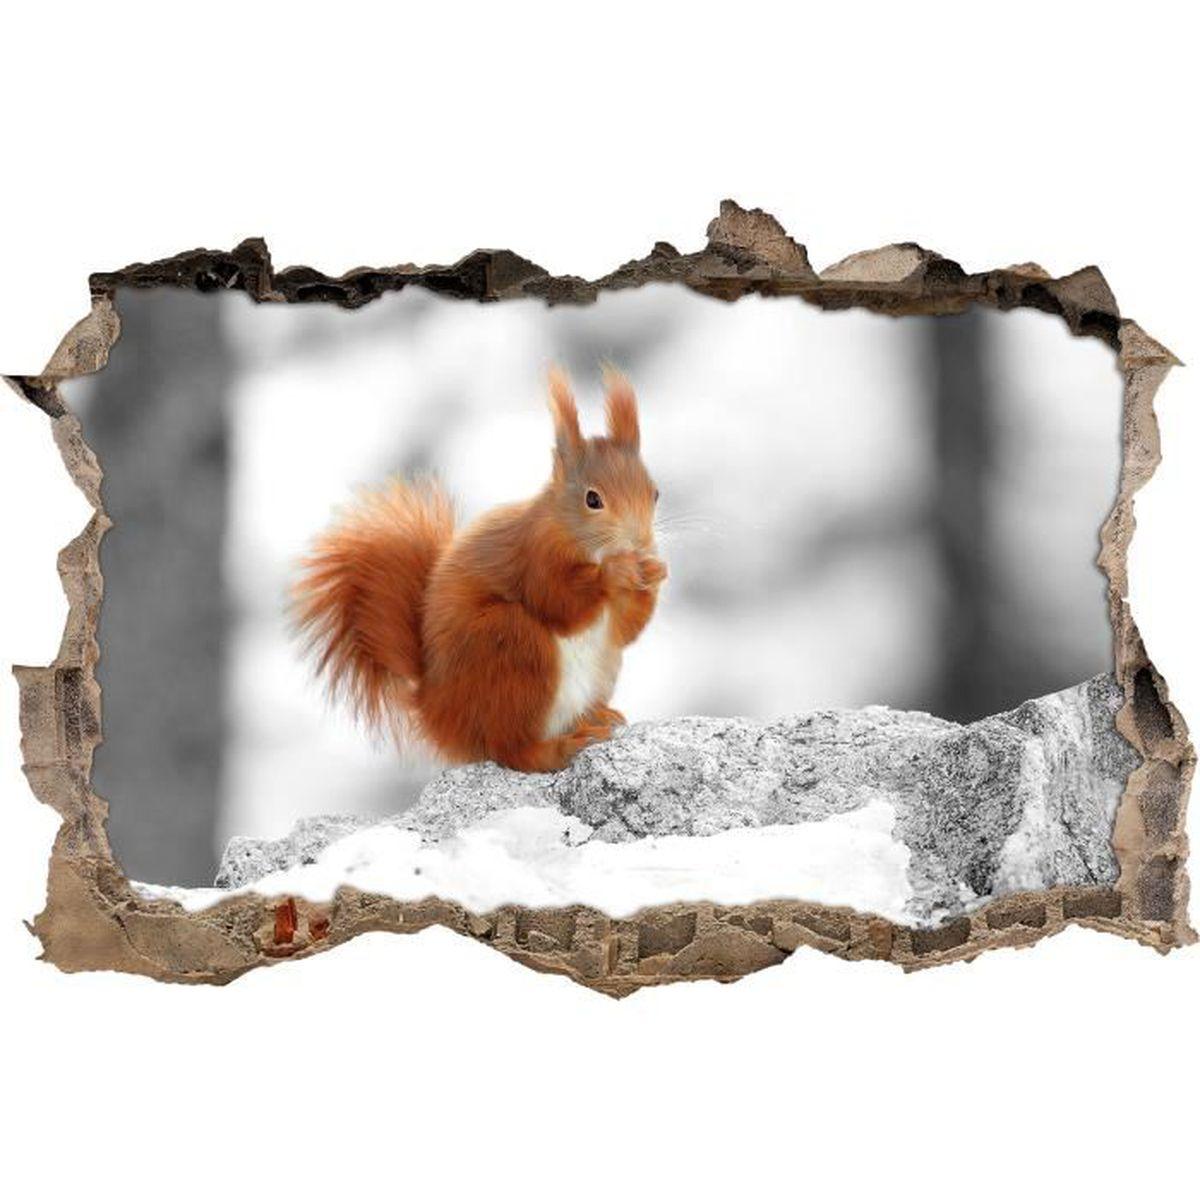 Écureuil mignon dans la forêt enneigée noir mur blanc percée / en 3D look,  mur ou format vignette de la porte: 92x62cm, stickers ... - Achat / Vente  stickers - Soldes sur